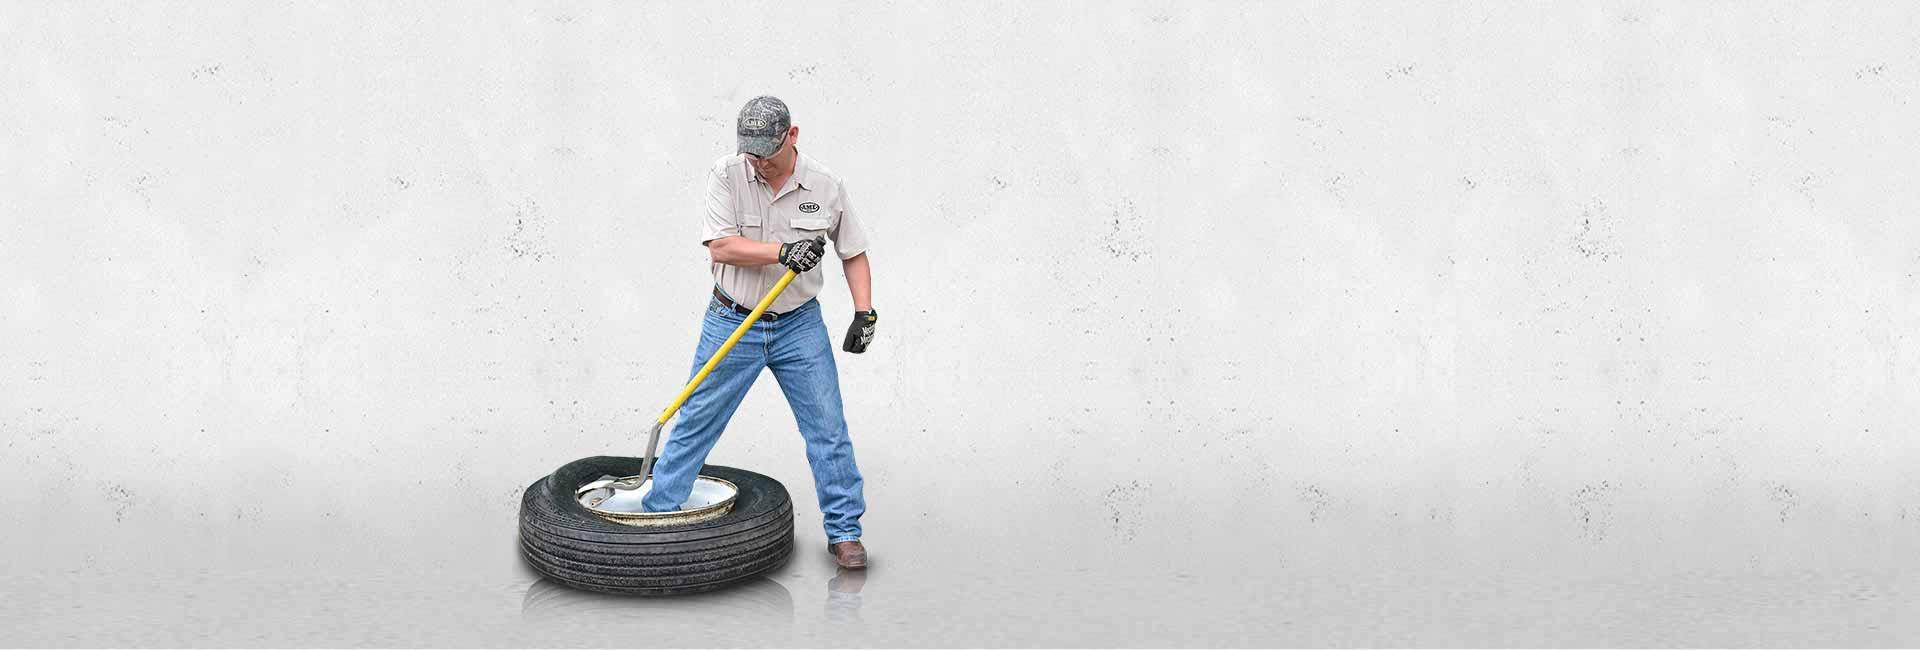 Heavy Duty Tire Service Tool